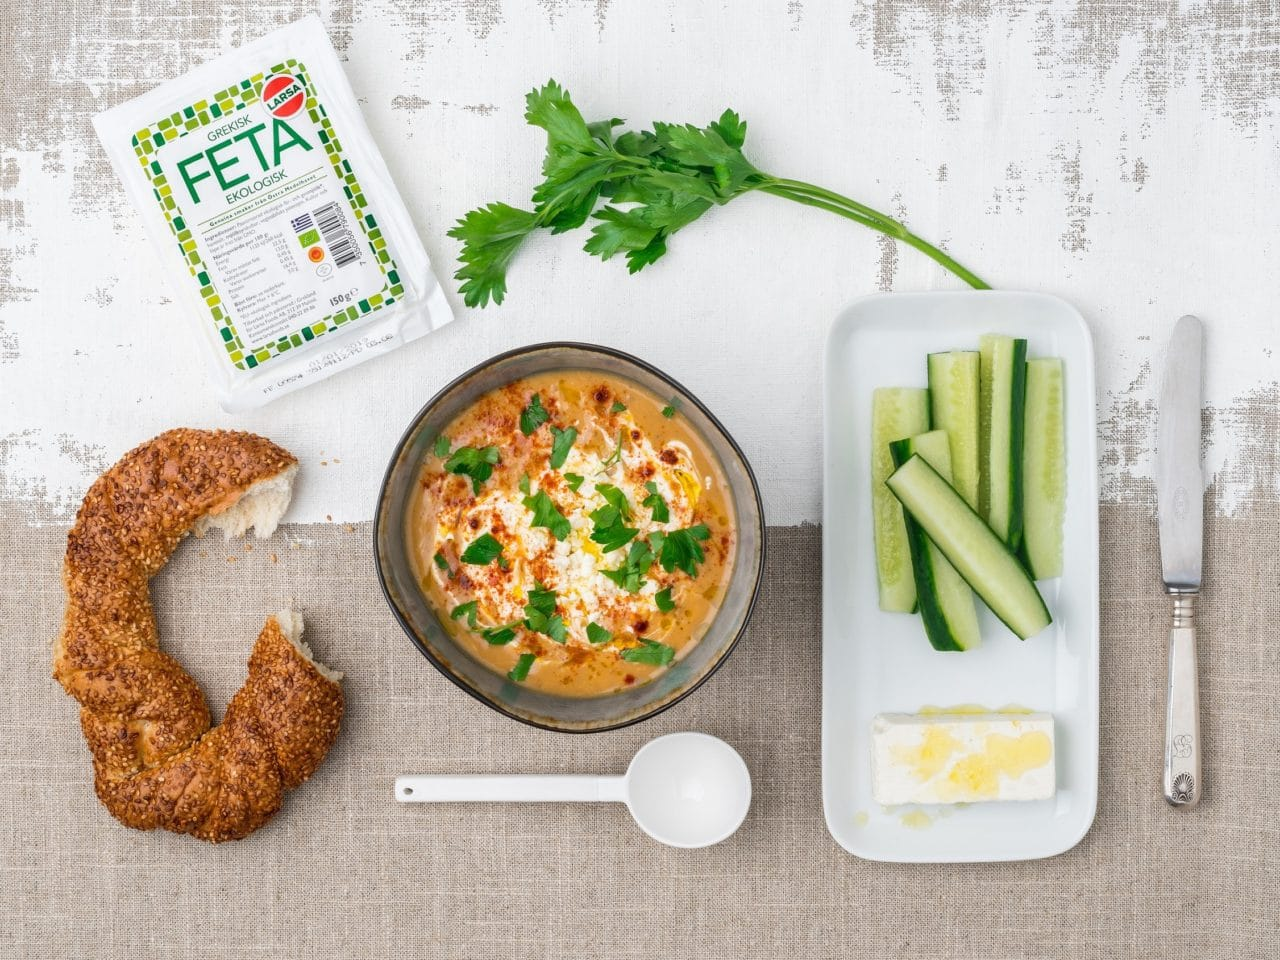 Linsoppa i en skål toppad med Larsa Fetast och Larsa yoghurt